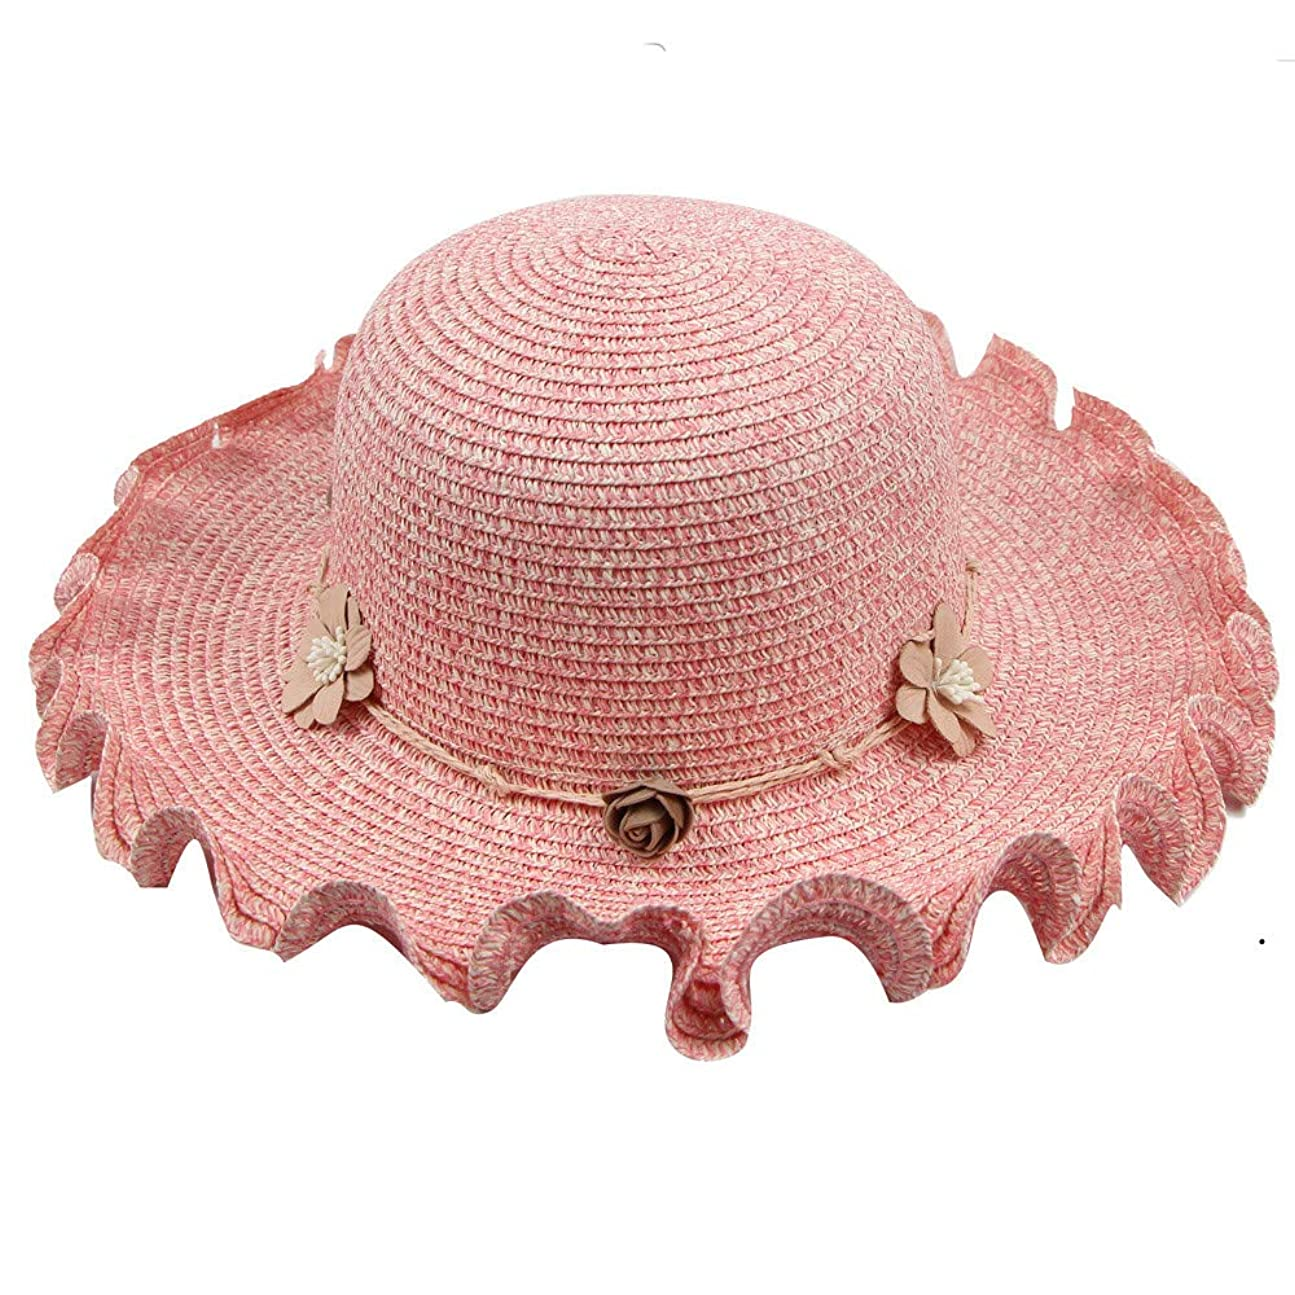 悩み無礼に部族帽子 ROSE ROMAN ハット レディース 帽子 サイズ調整 テープ 夏 ビーチ 必須 UVカット 帽子 日焼け防止 紫外線対策 ニット帽 ビーチ レディース ハンチング帽 発送 春夏 ベレー帽 帽子 レディース ブリーズフレンチハット